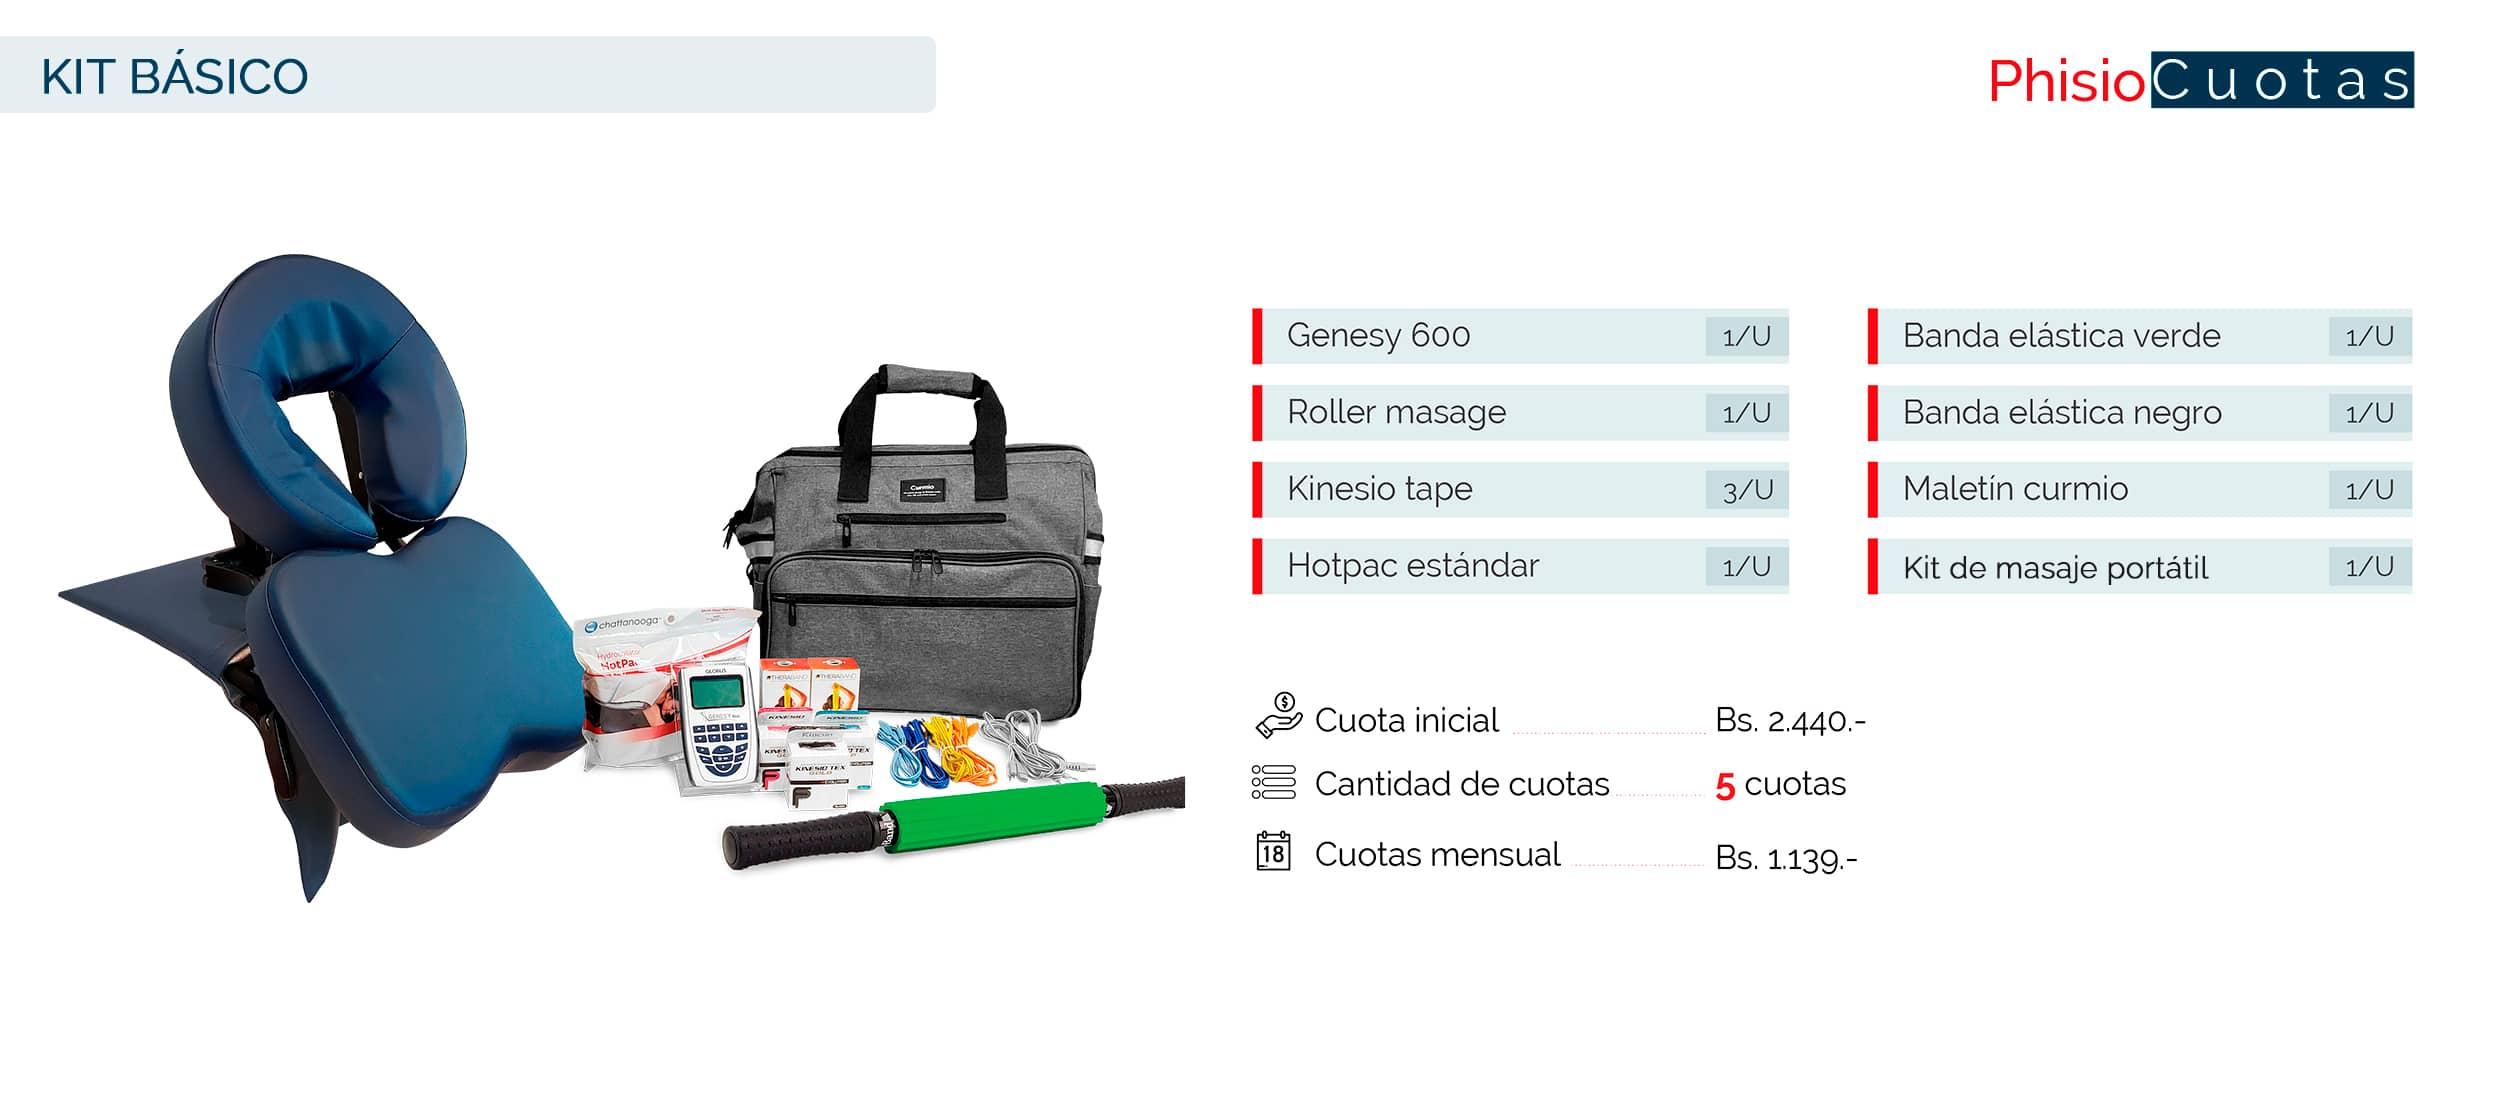 kit-basico-WEB